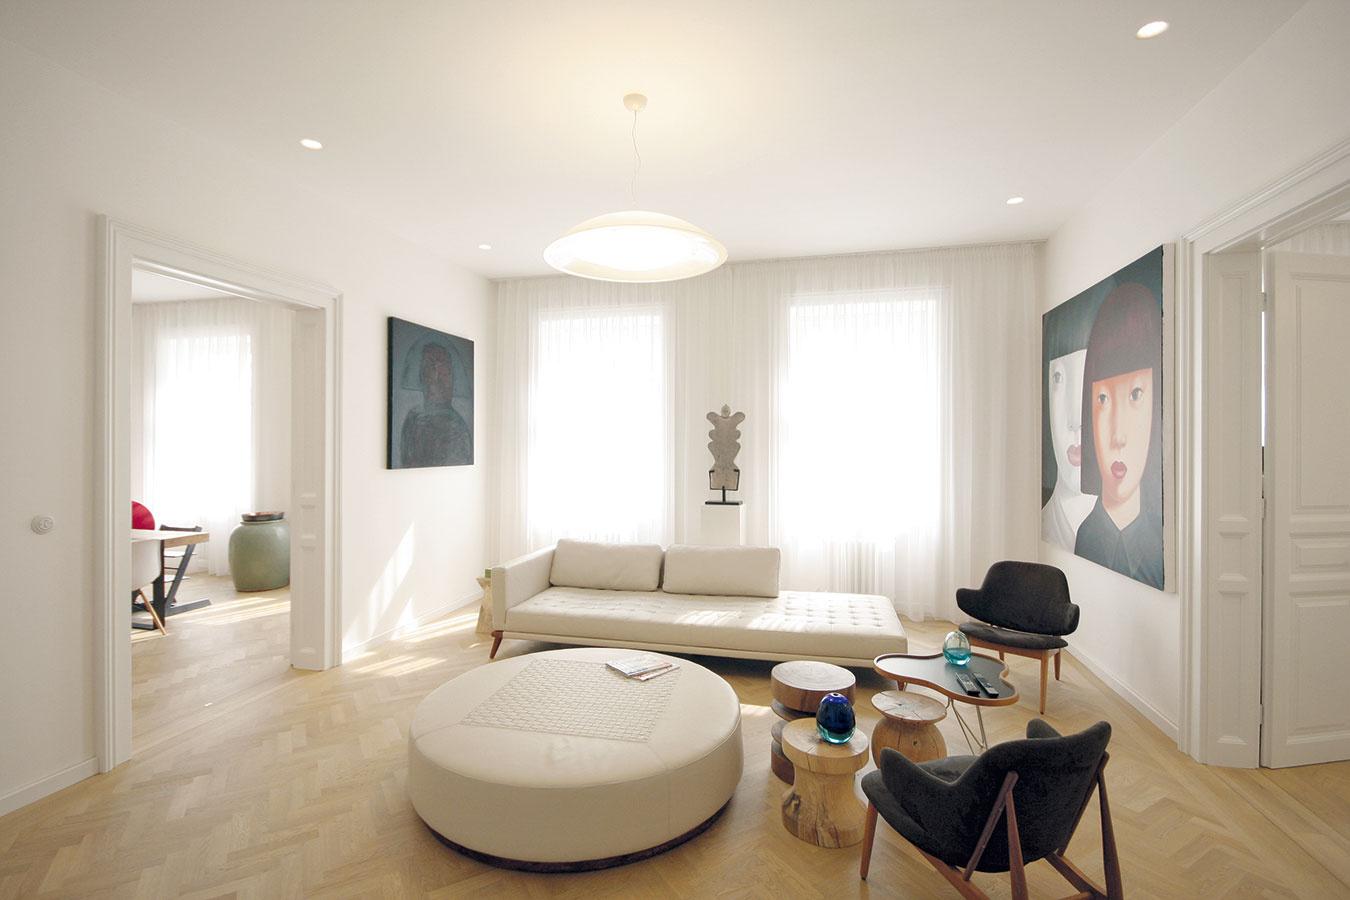 Priechodné miestnosti obyvateľom bytu ani vnajmenšom neprekážajú – priechodná je len denná zóna vstrede bytu, teda spoločný priestor pre rodinu, kde sa žije akomunikuje.